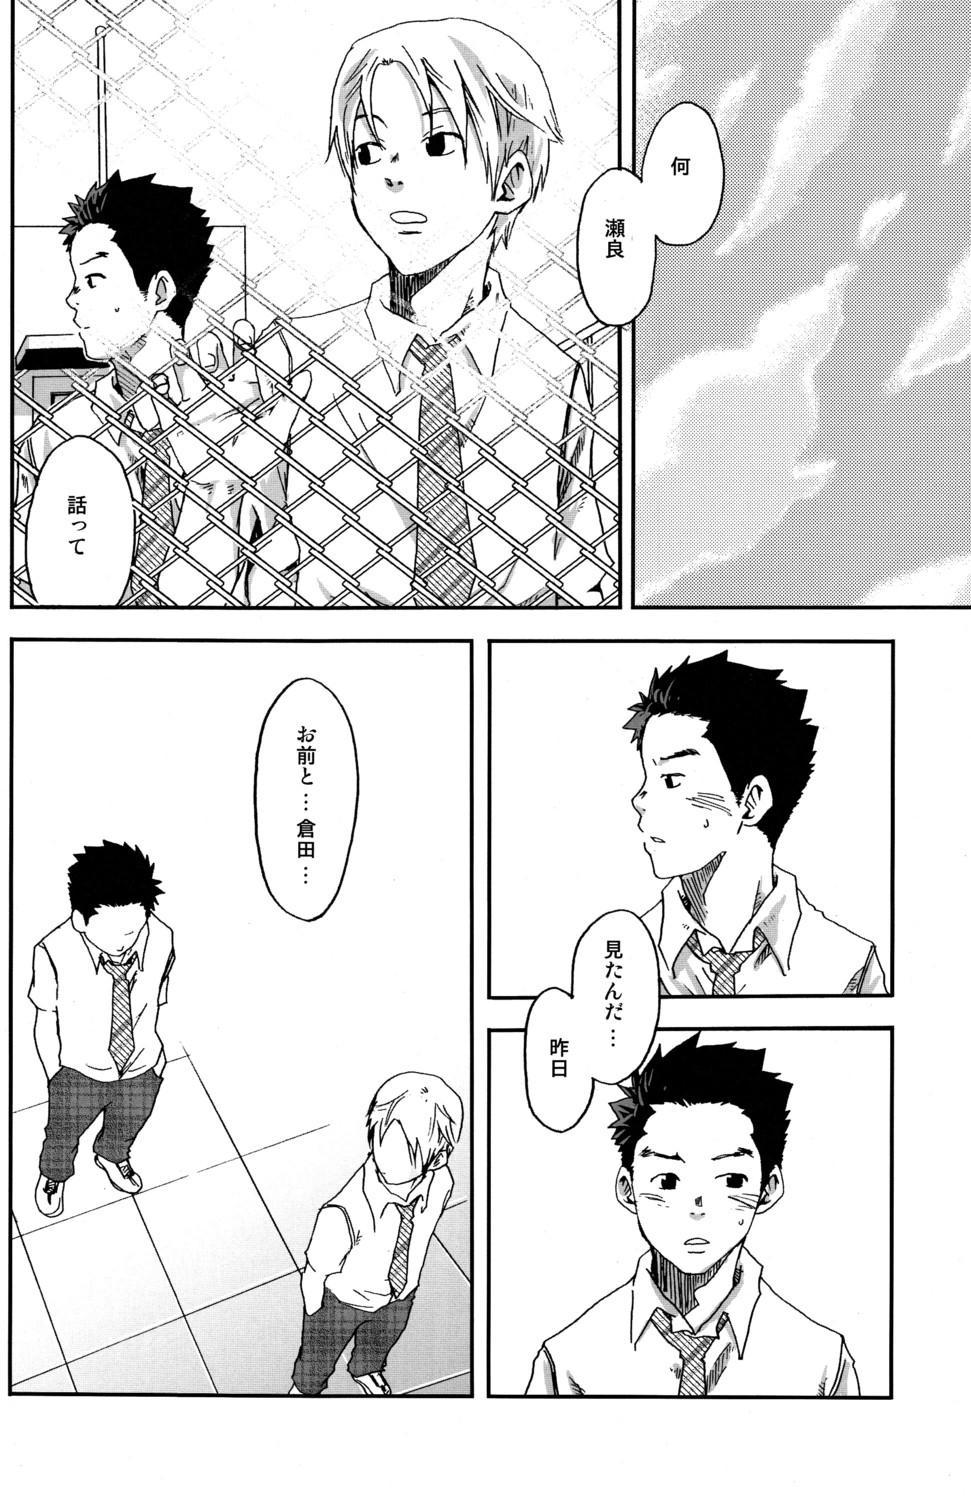 (C78) [Box (Tsukumo Gou)] 【19号(つくも号)】そう言って君は笑うSou Itte Kimi wa Warau 17